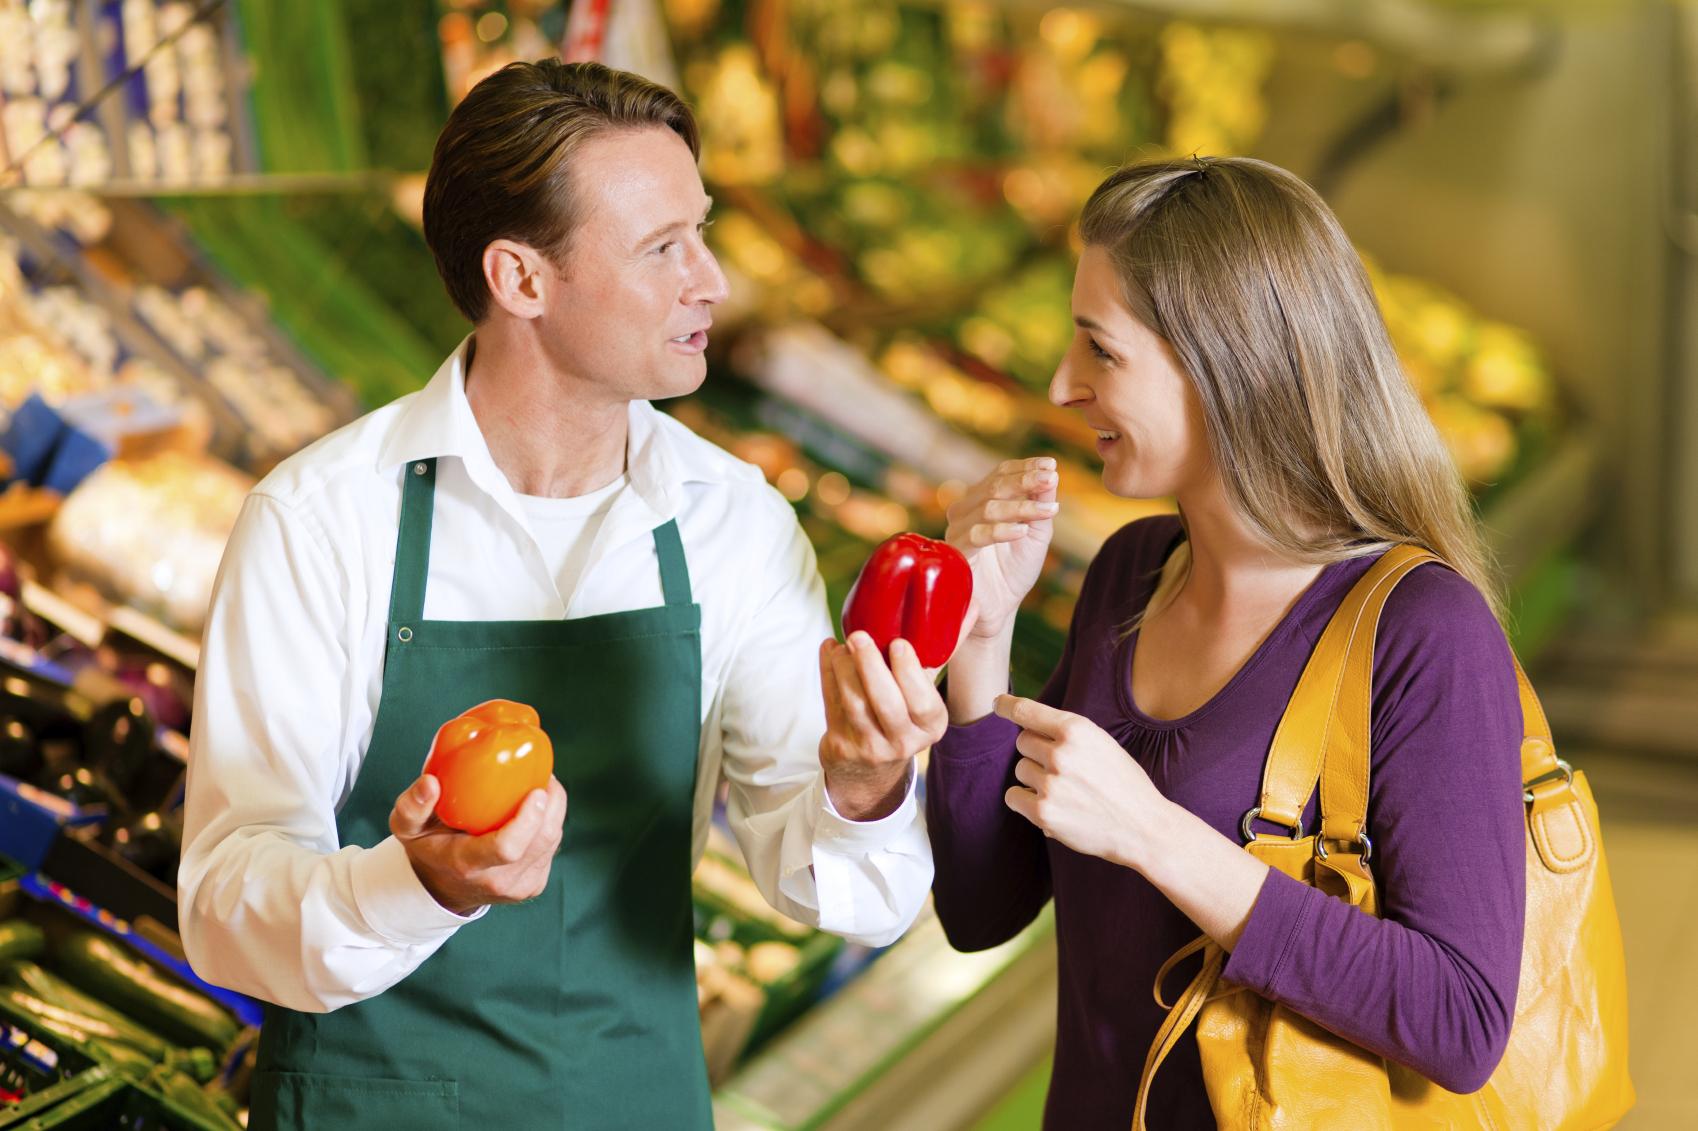 Polacy coraz częściej wybierają zdrową żywność